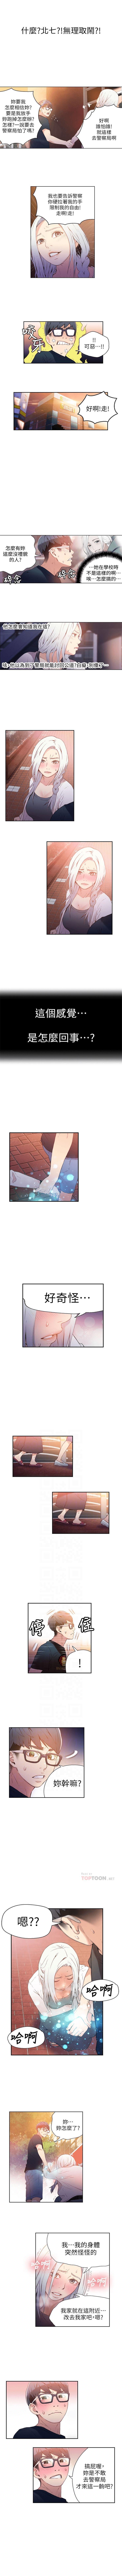 (周7)超导体鲁蛇(超级吸引力) 1-17 中文翻译(更新中) 46